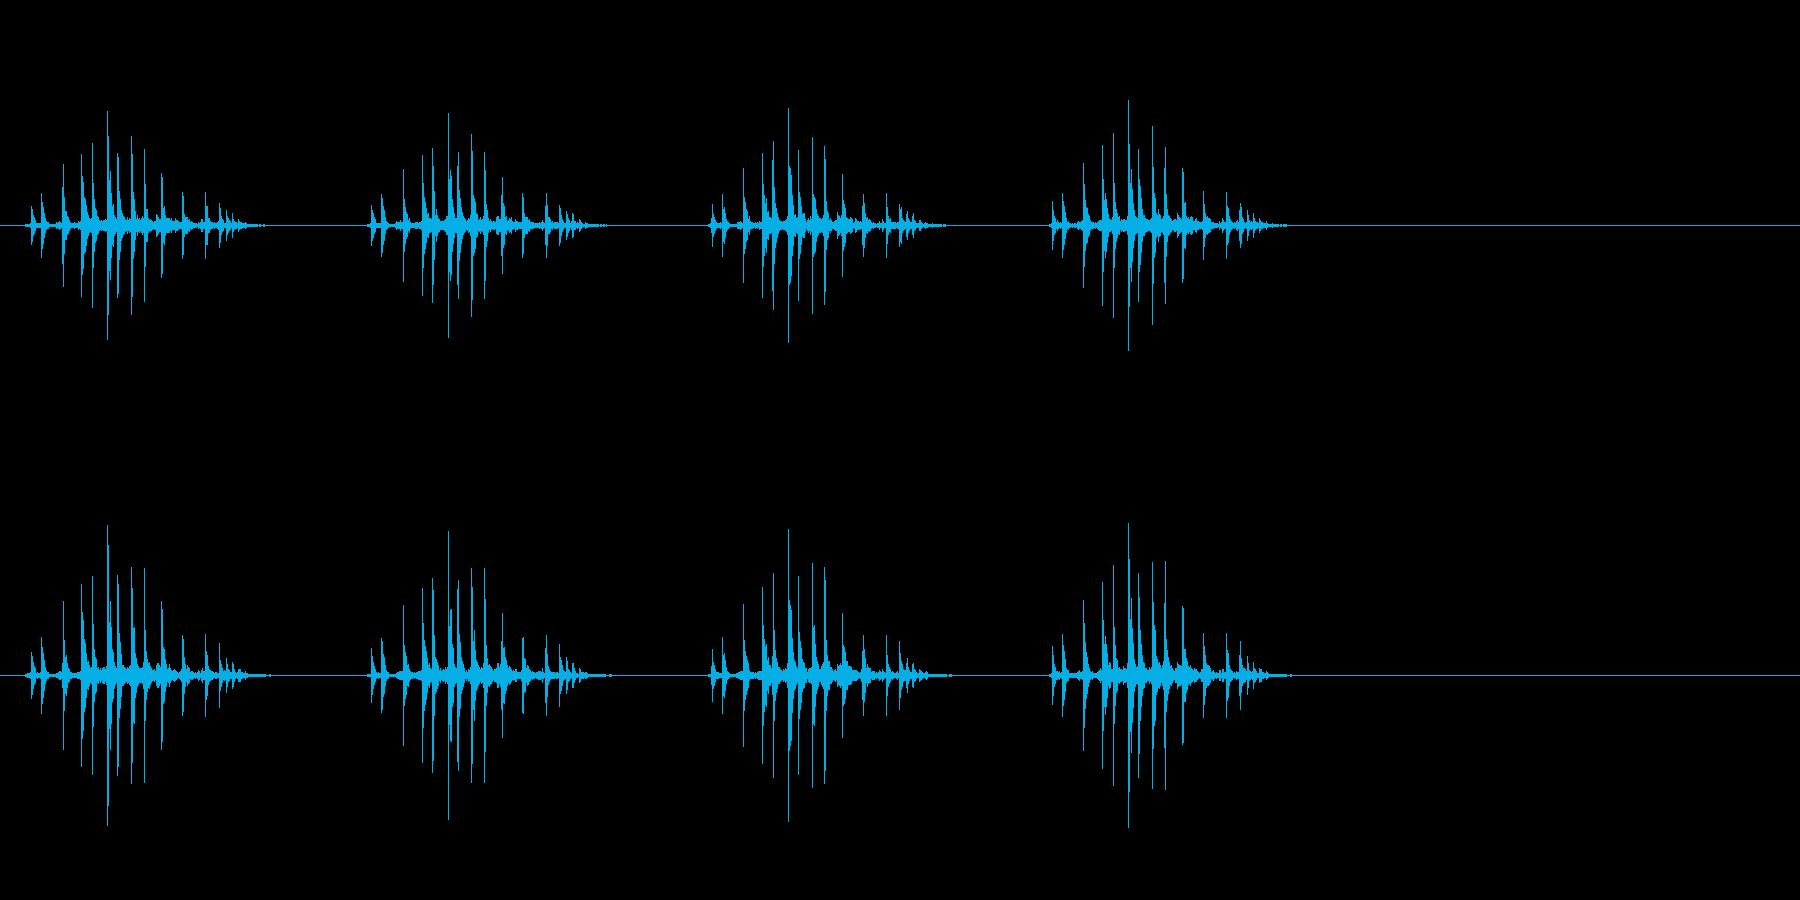 ギリギリギリギリ(リールを巻く、遅め)の再生済みの波形